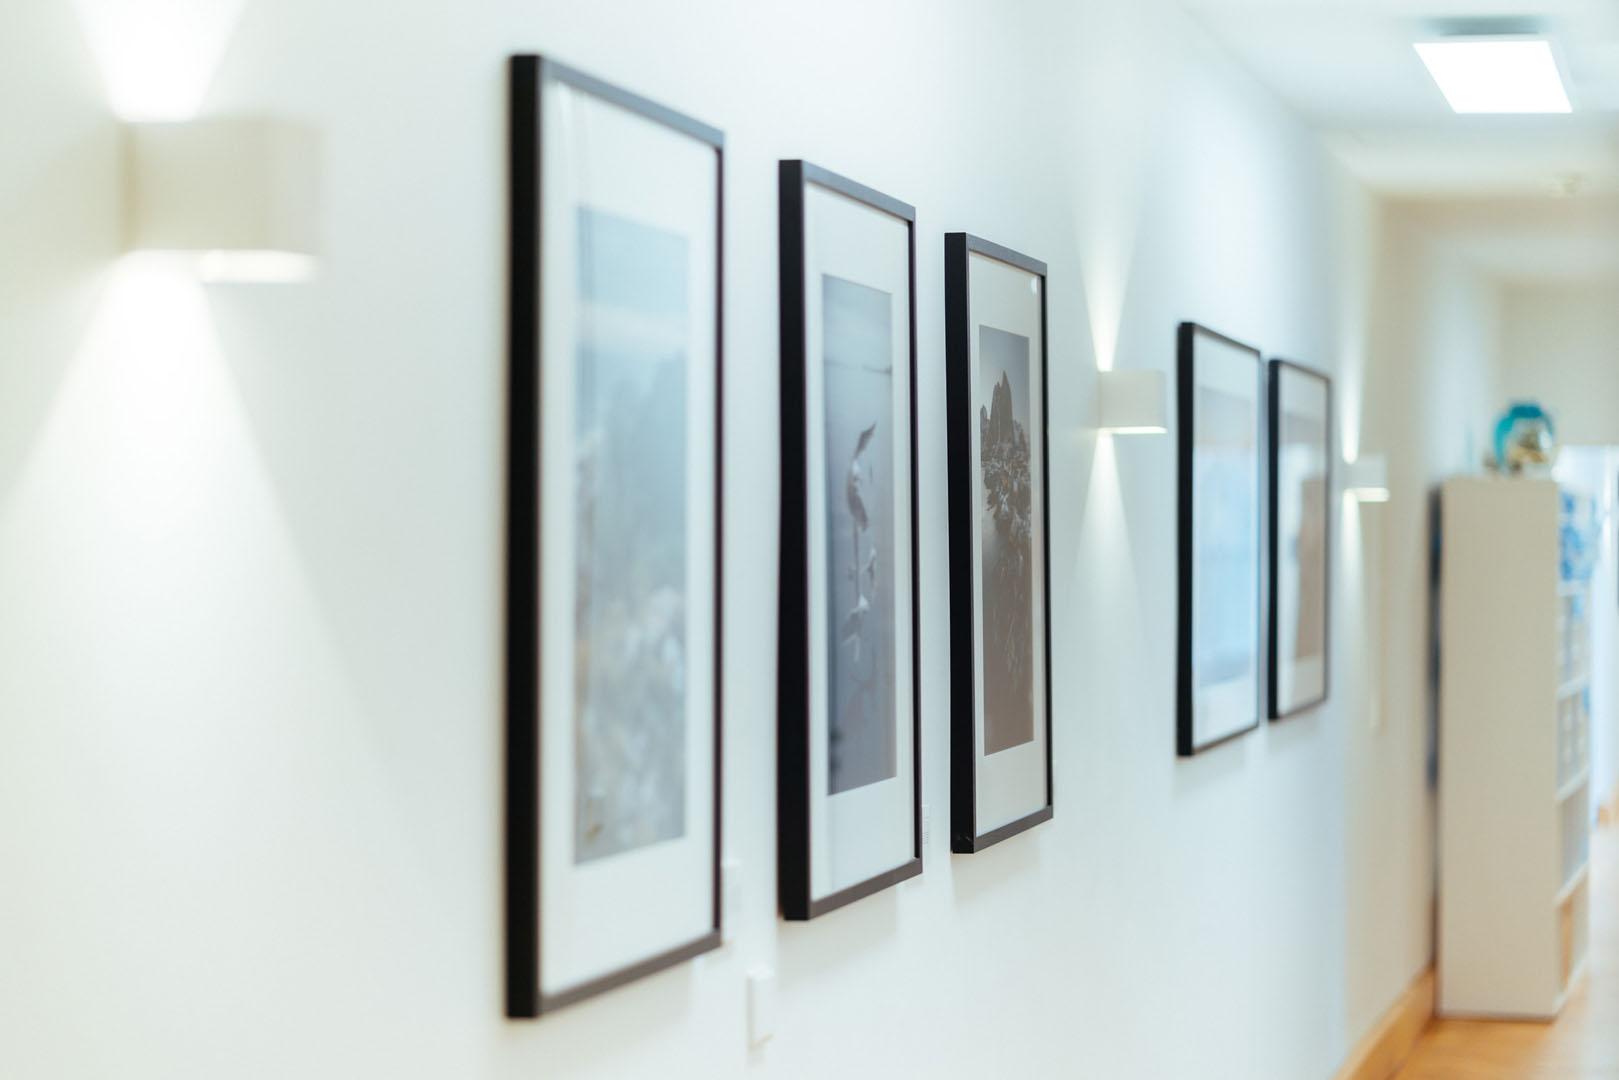 Bildergalerie im Flur der Physiotherapie physioconcept